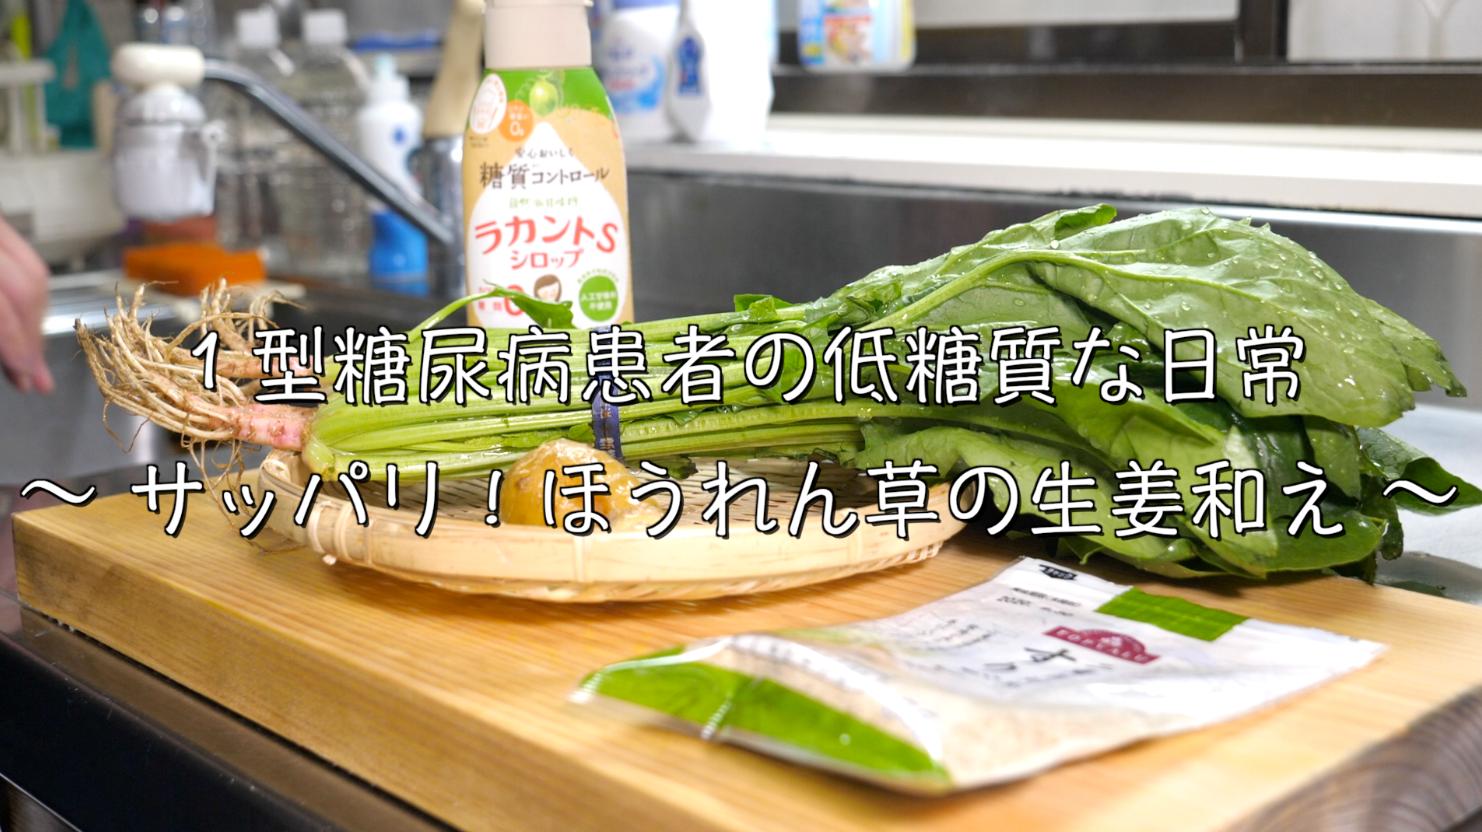 ほうれん草 生姜 お浸し レシピ